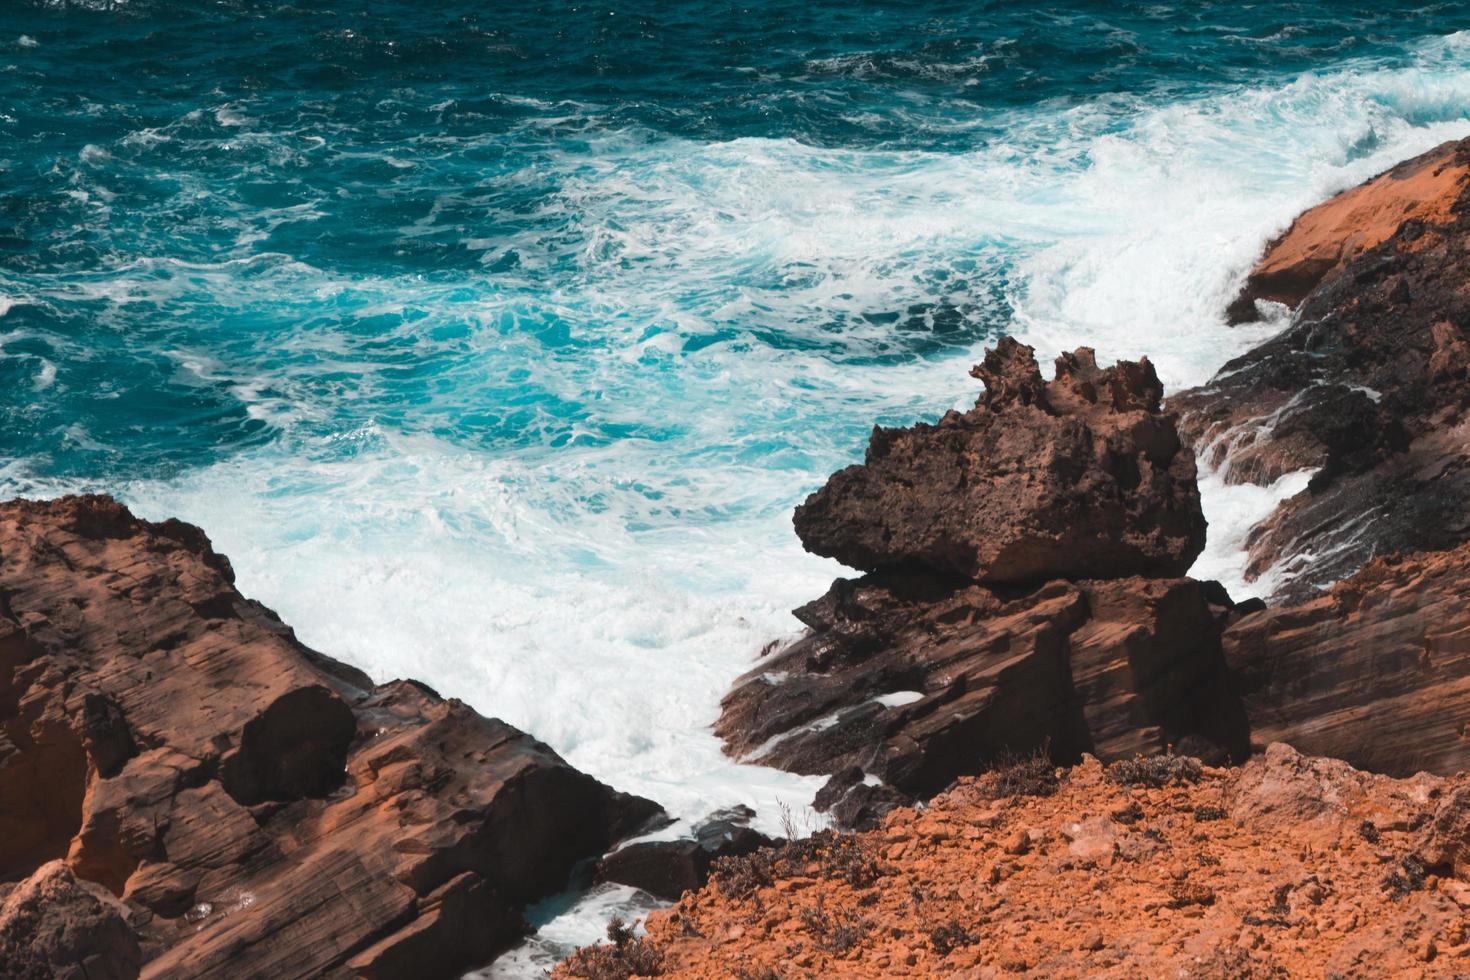 onde che si infrangono sulla spiaggia rocciosa foto